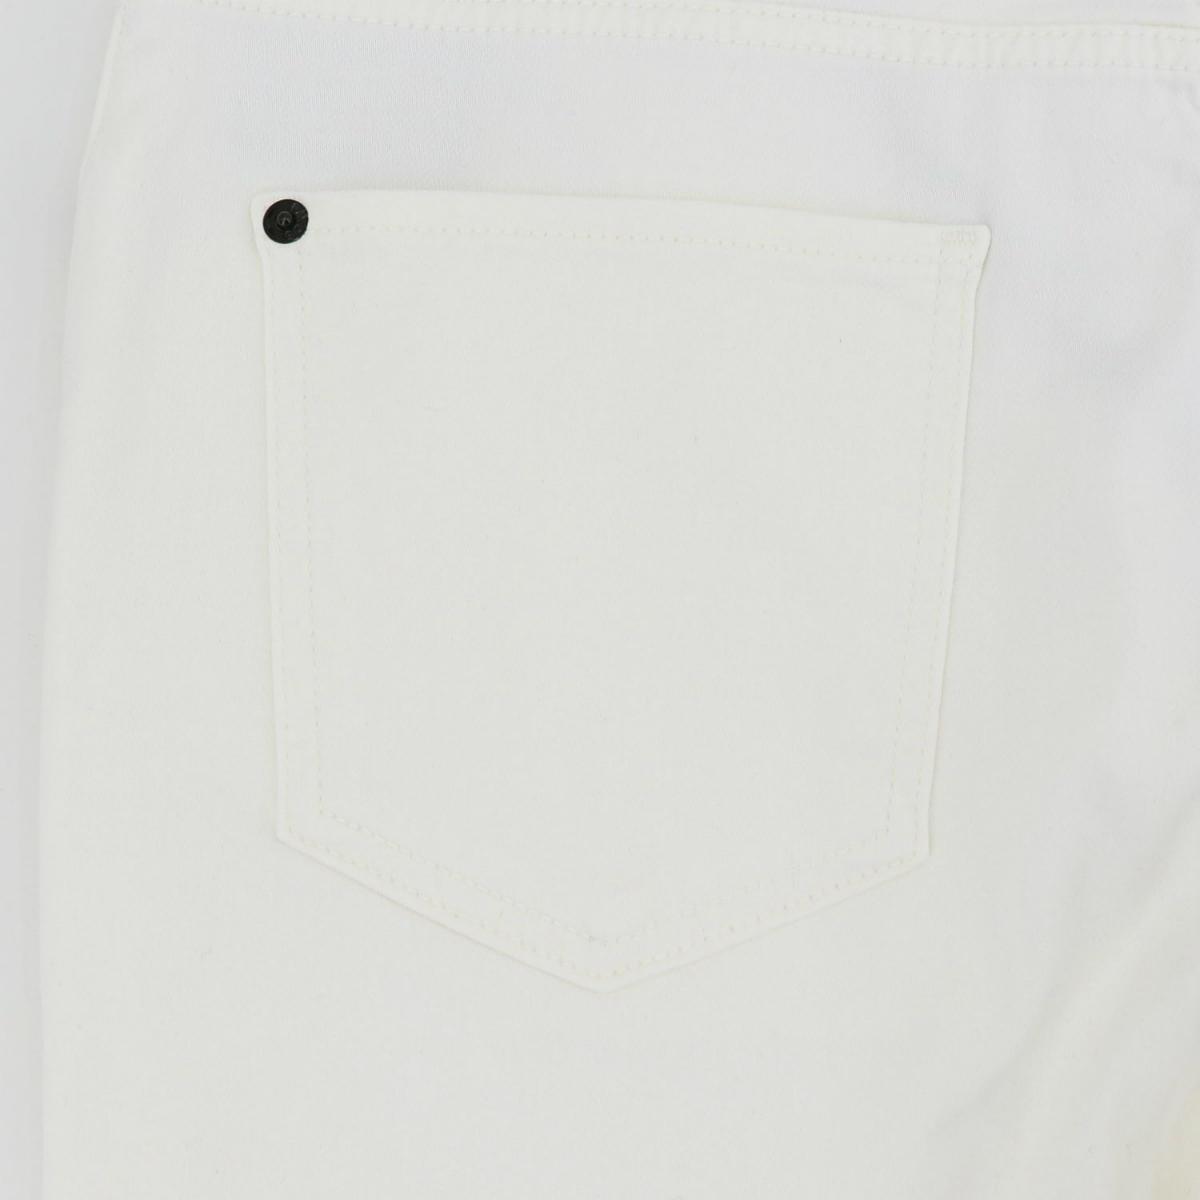 ピーエムディーエス P.M.D.S. PMDS メンズ ハイパーストレッチ テーパード ホワイトデニム BARRET PMD J-T620 110591294104 OFF WH 00(ホワイト) 春夏新作